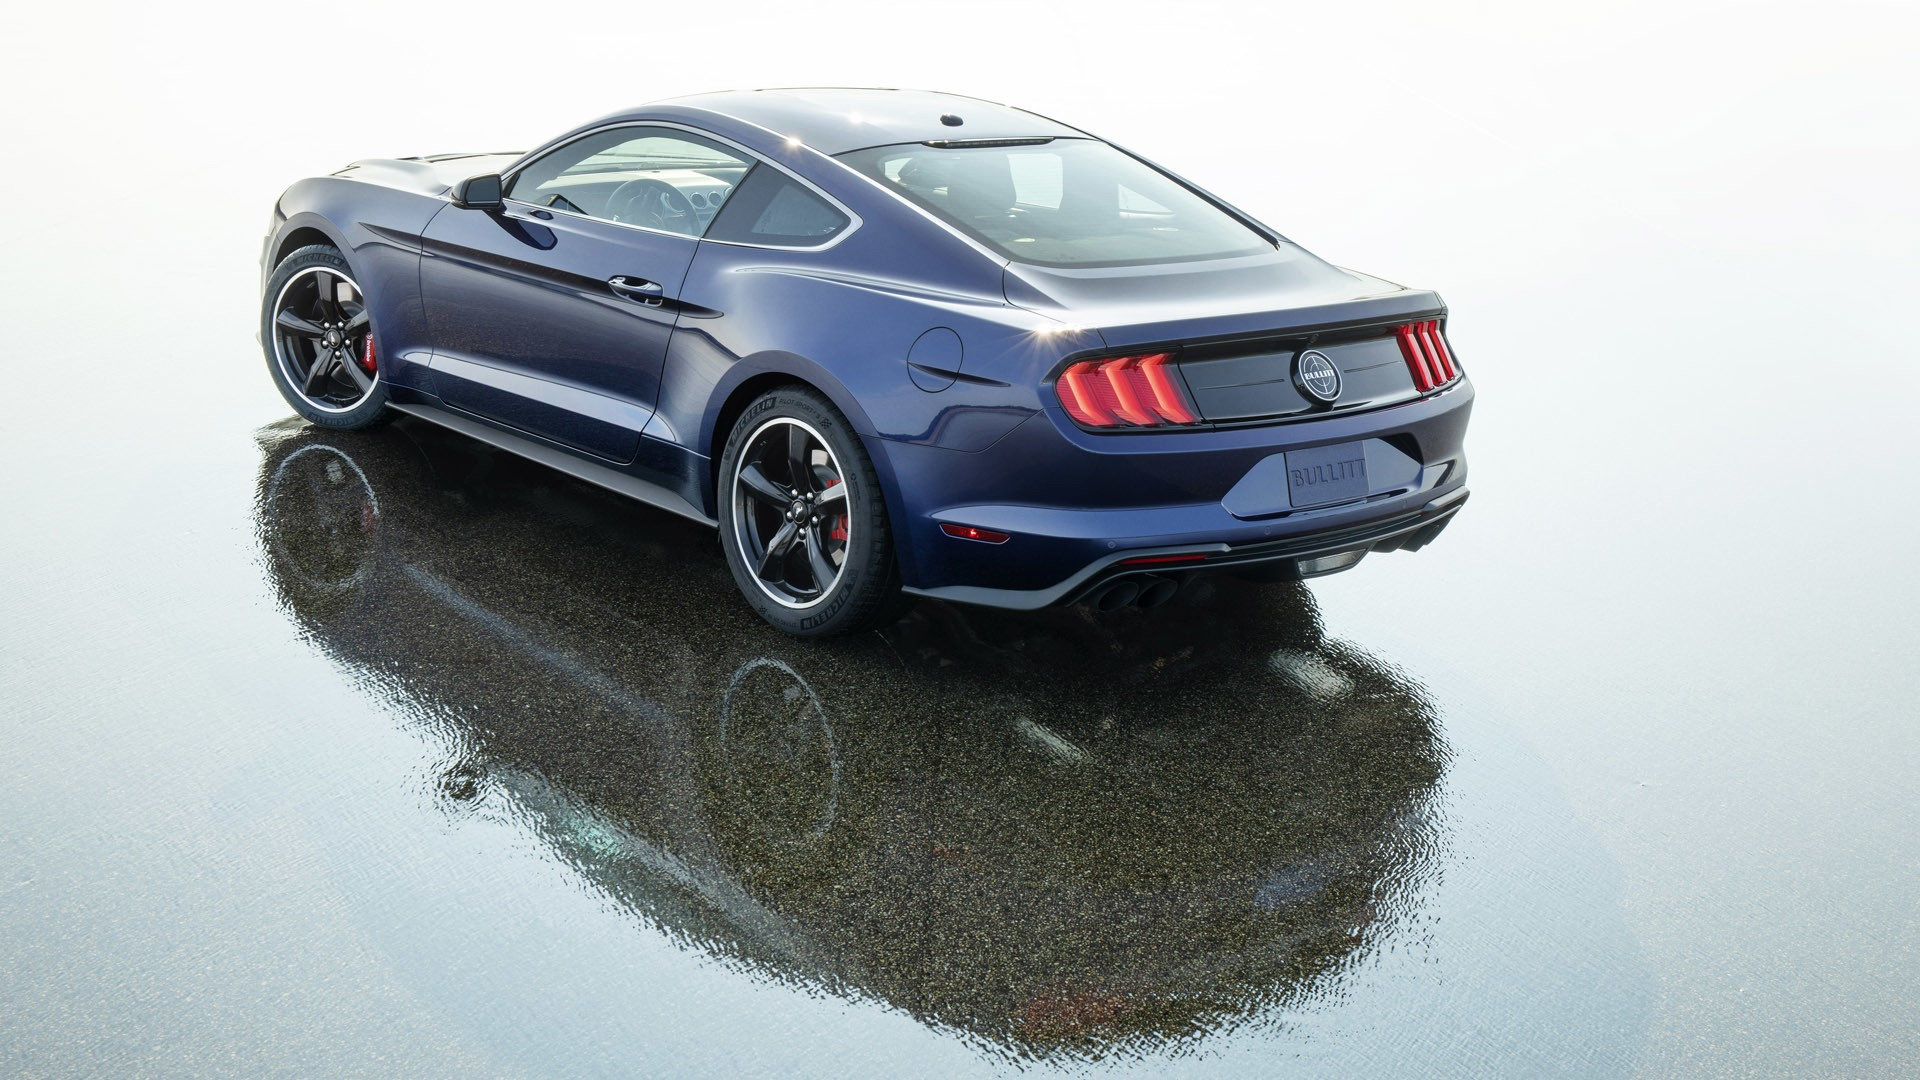 Kona Blue Mustang Bullitt